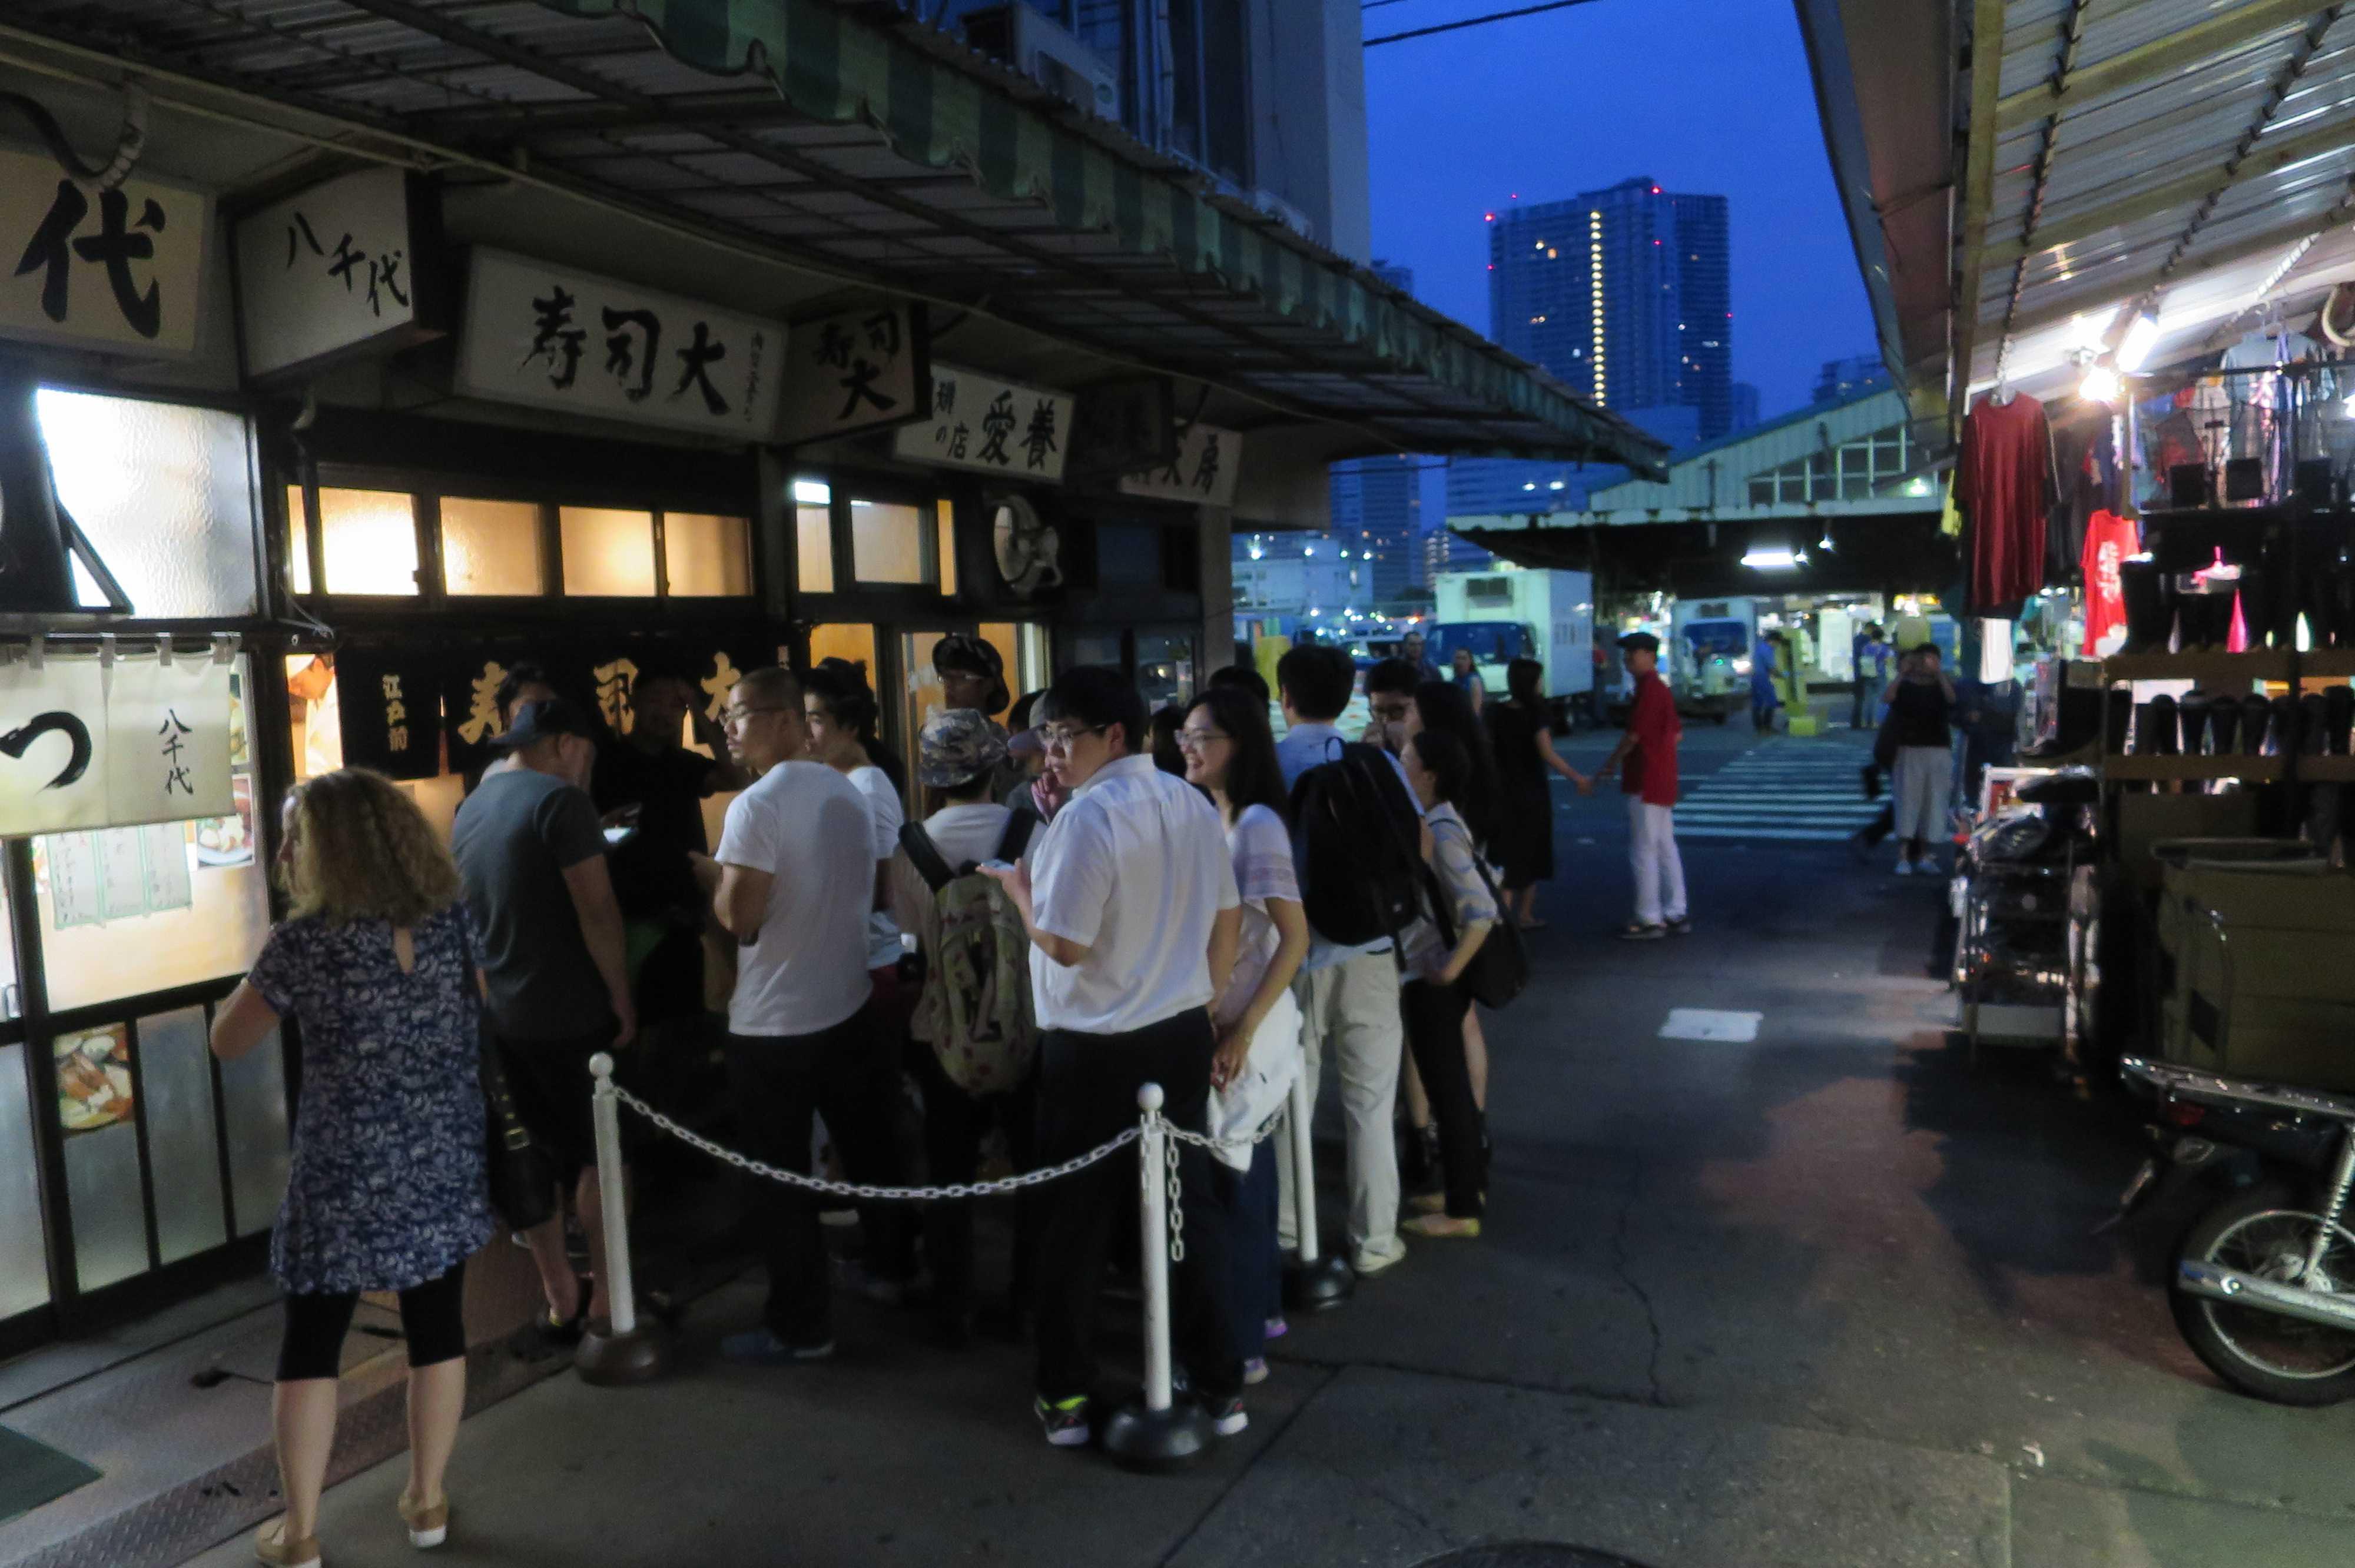 築地市場(場内) - 寿司大 (すしだい)前の行列